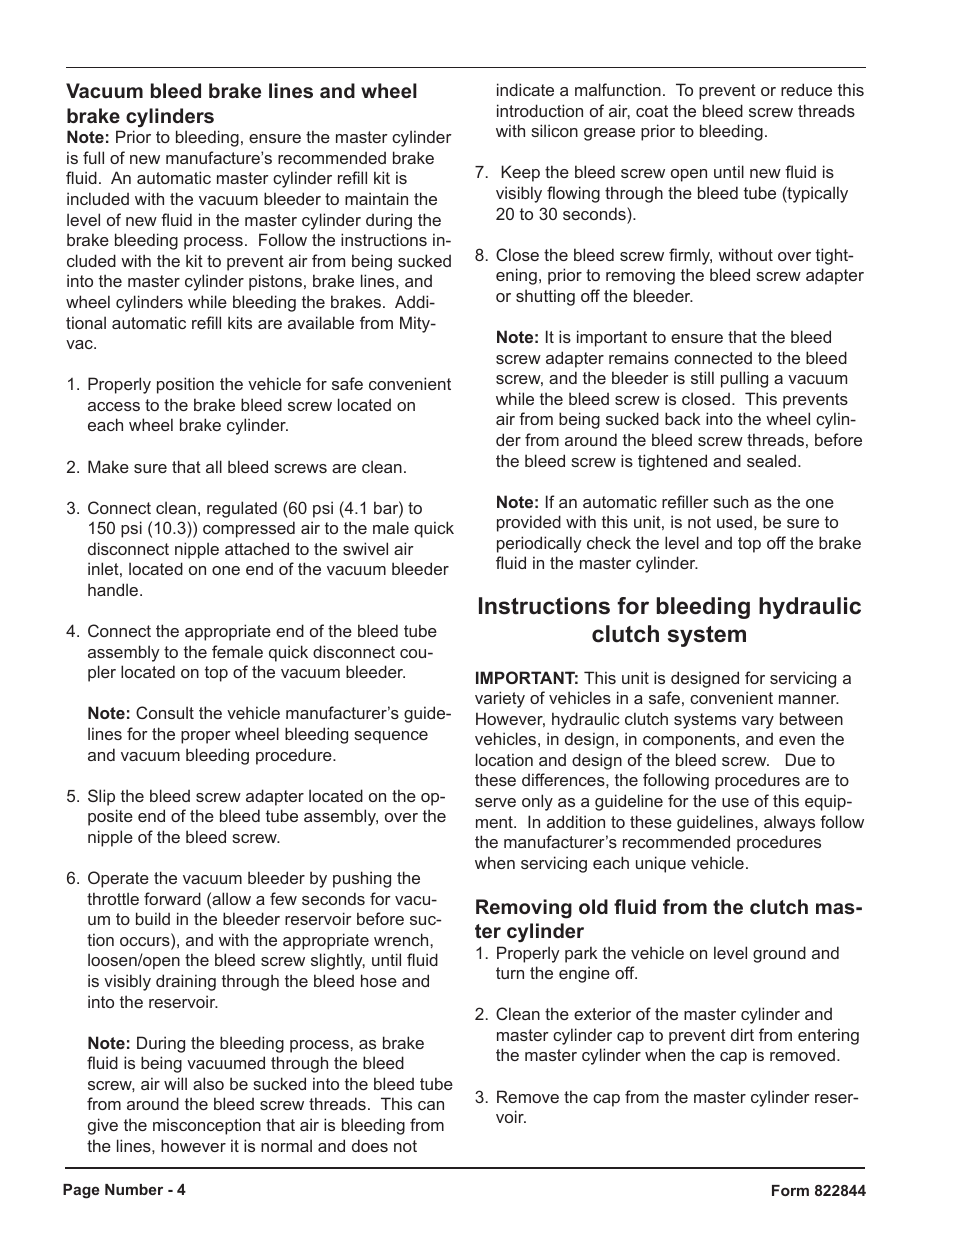 Instructions for bleeding hydraulic clutch system   Mityvac